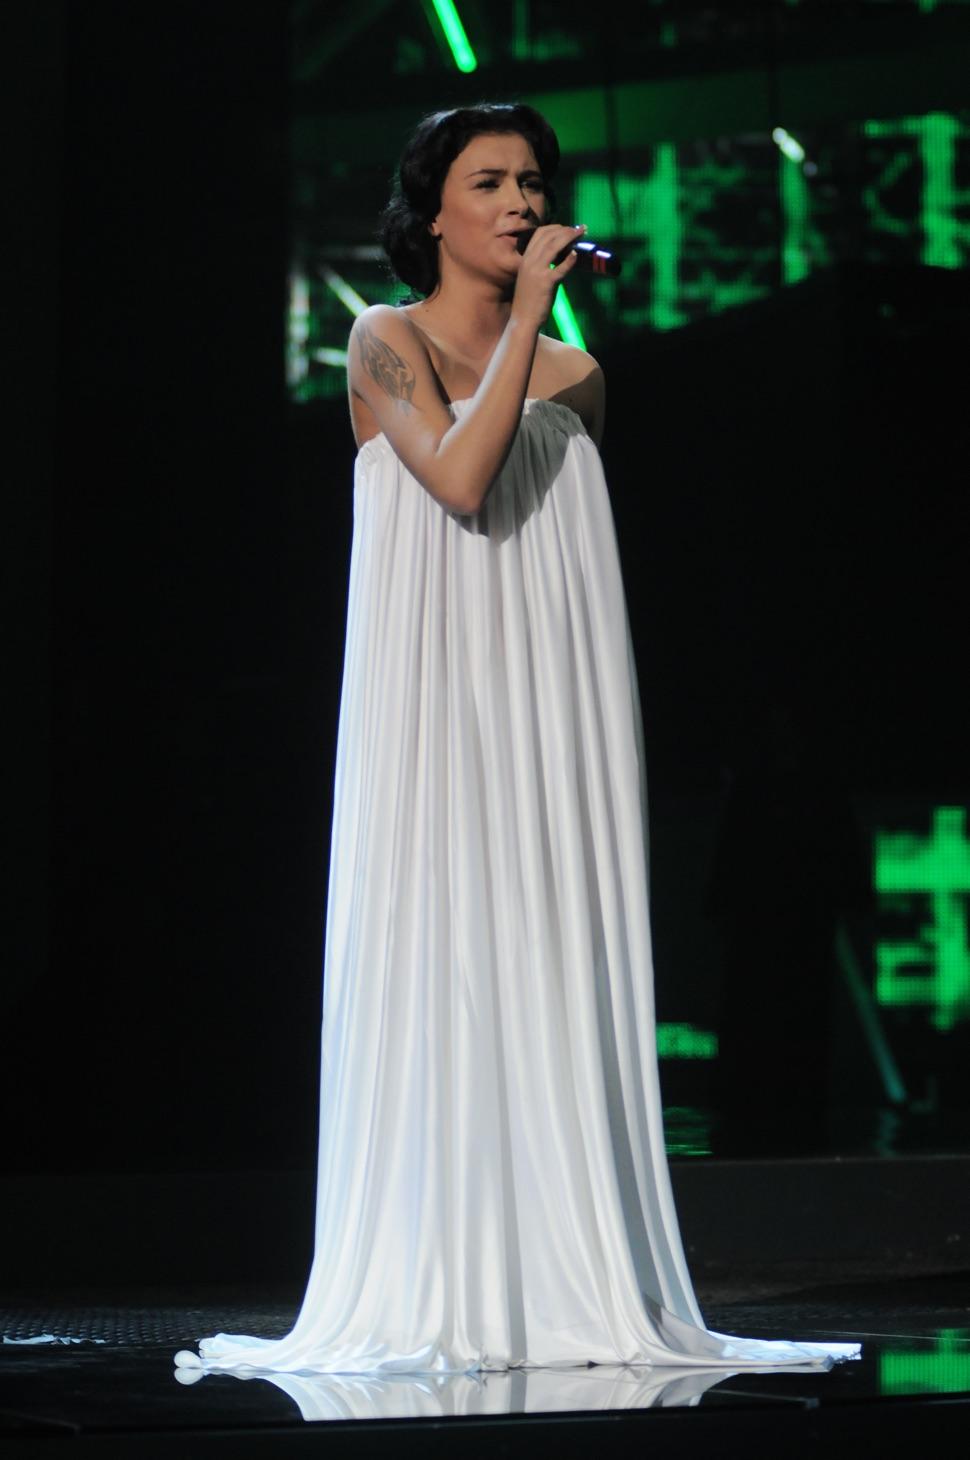 Anastasia Prikhodko im bodenlangen weißen Kleid singt beim ESC 2009